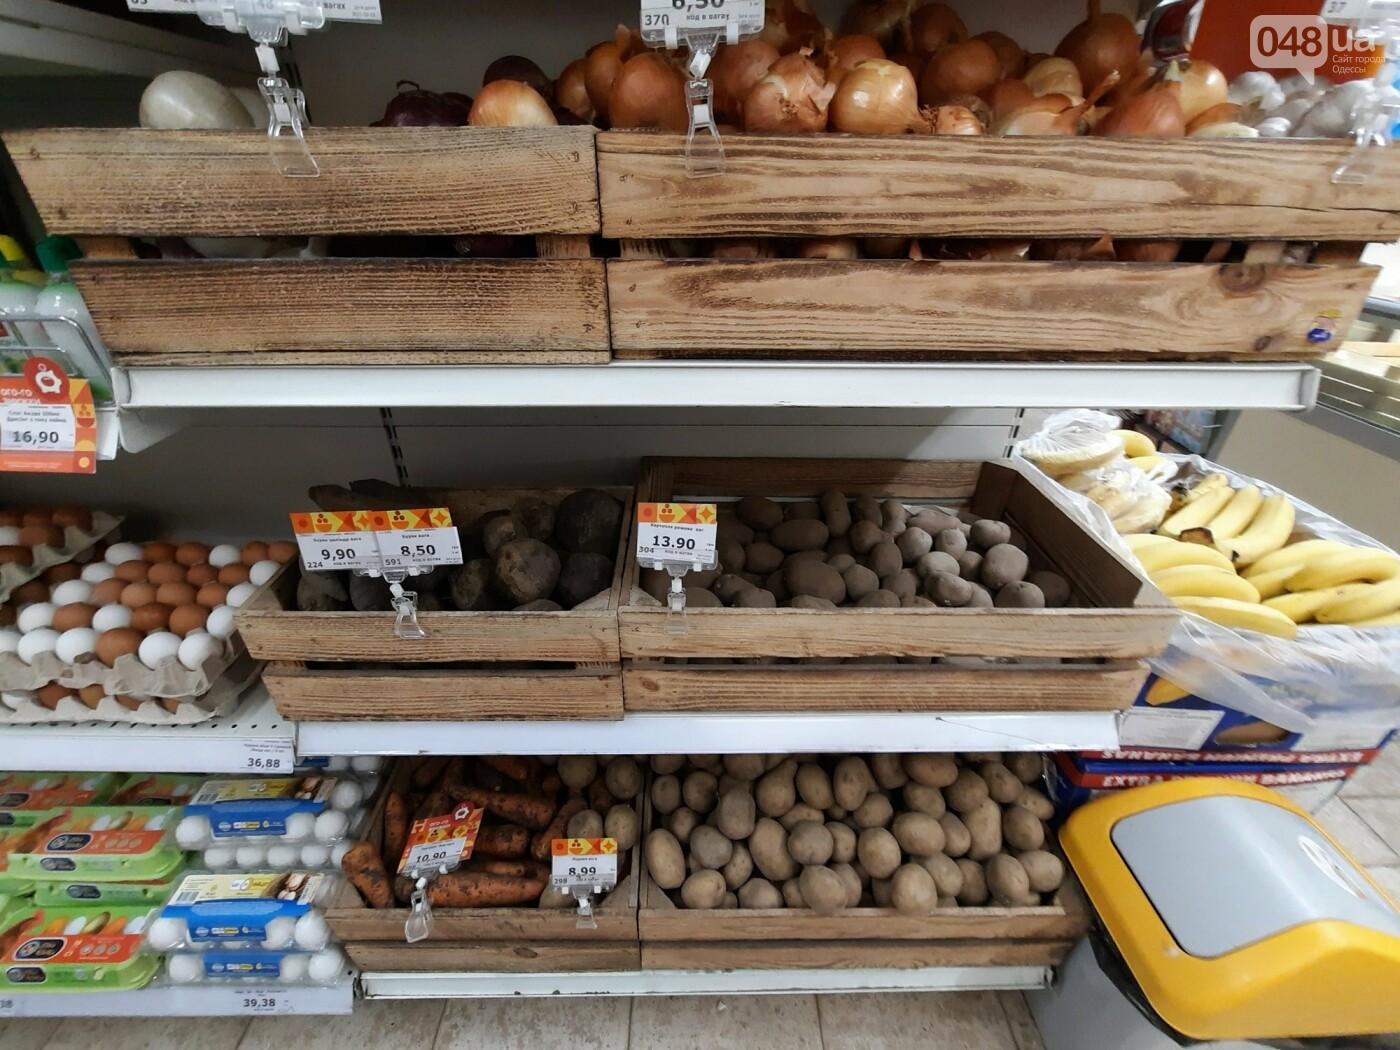 Редиска, помидоры и авокадо: как не переплачивать за покупки в супермаркетах Одессы, - ФОТО, фото-3